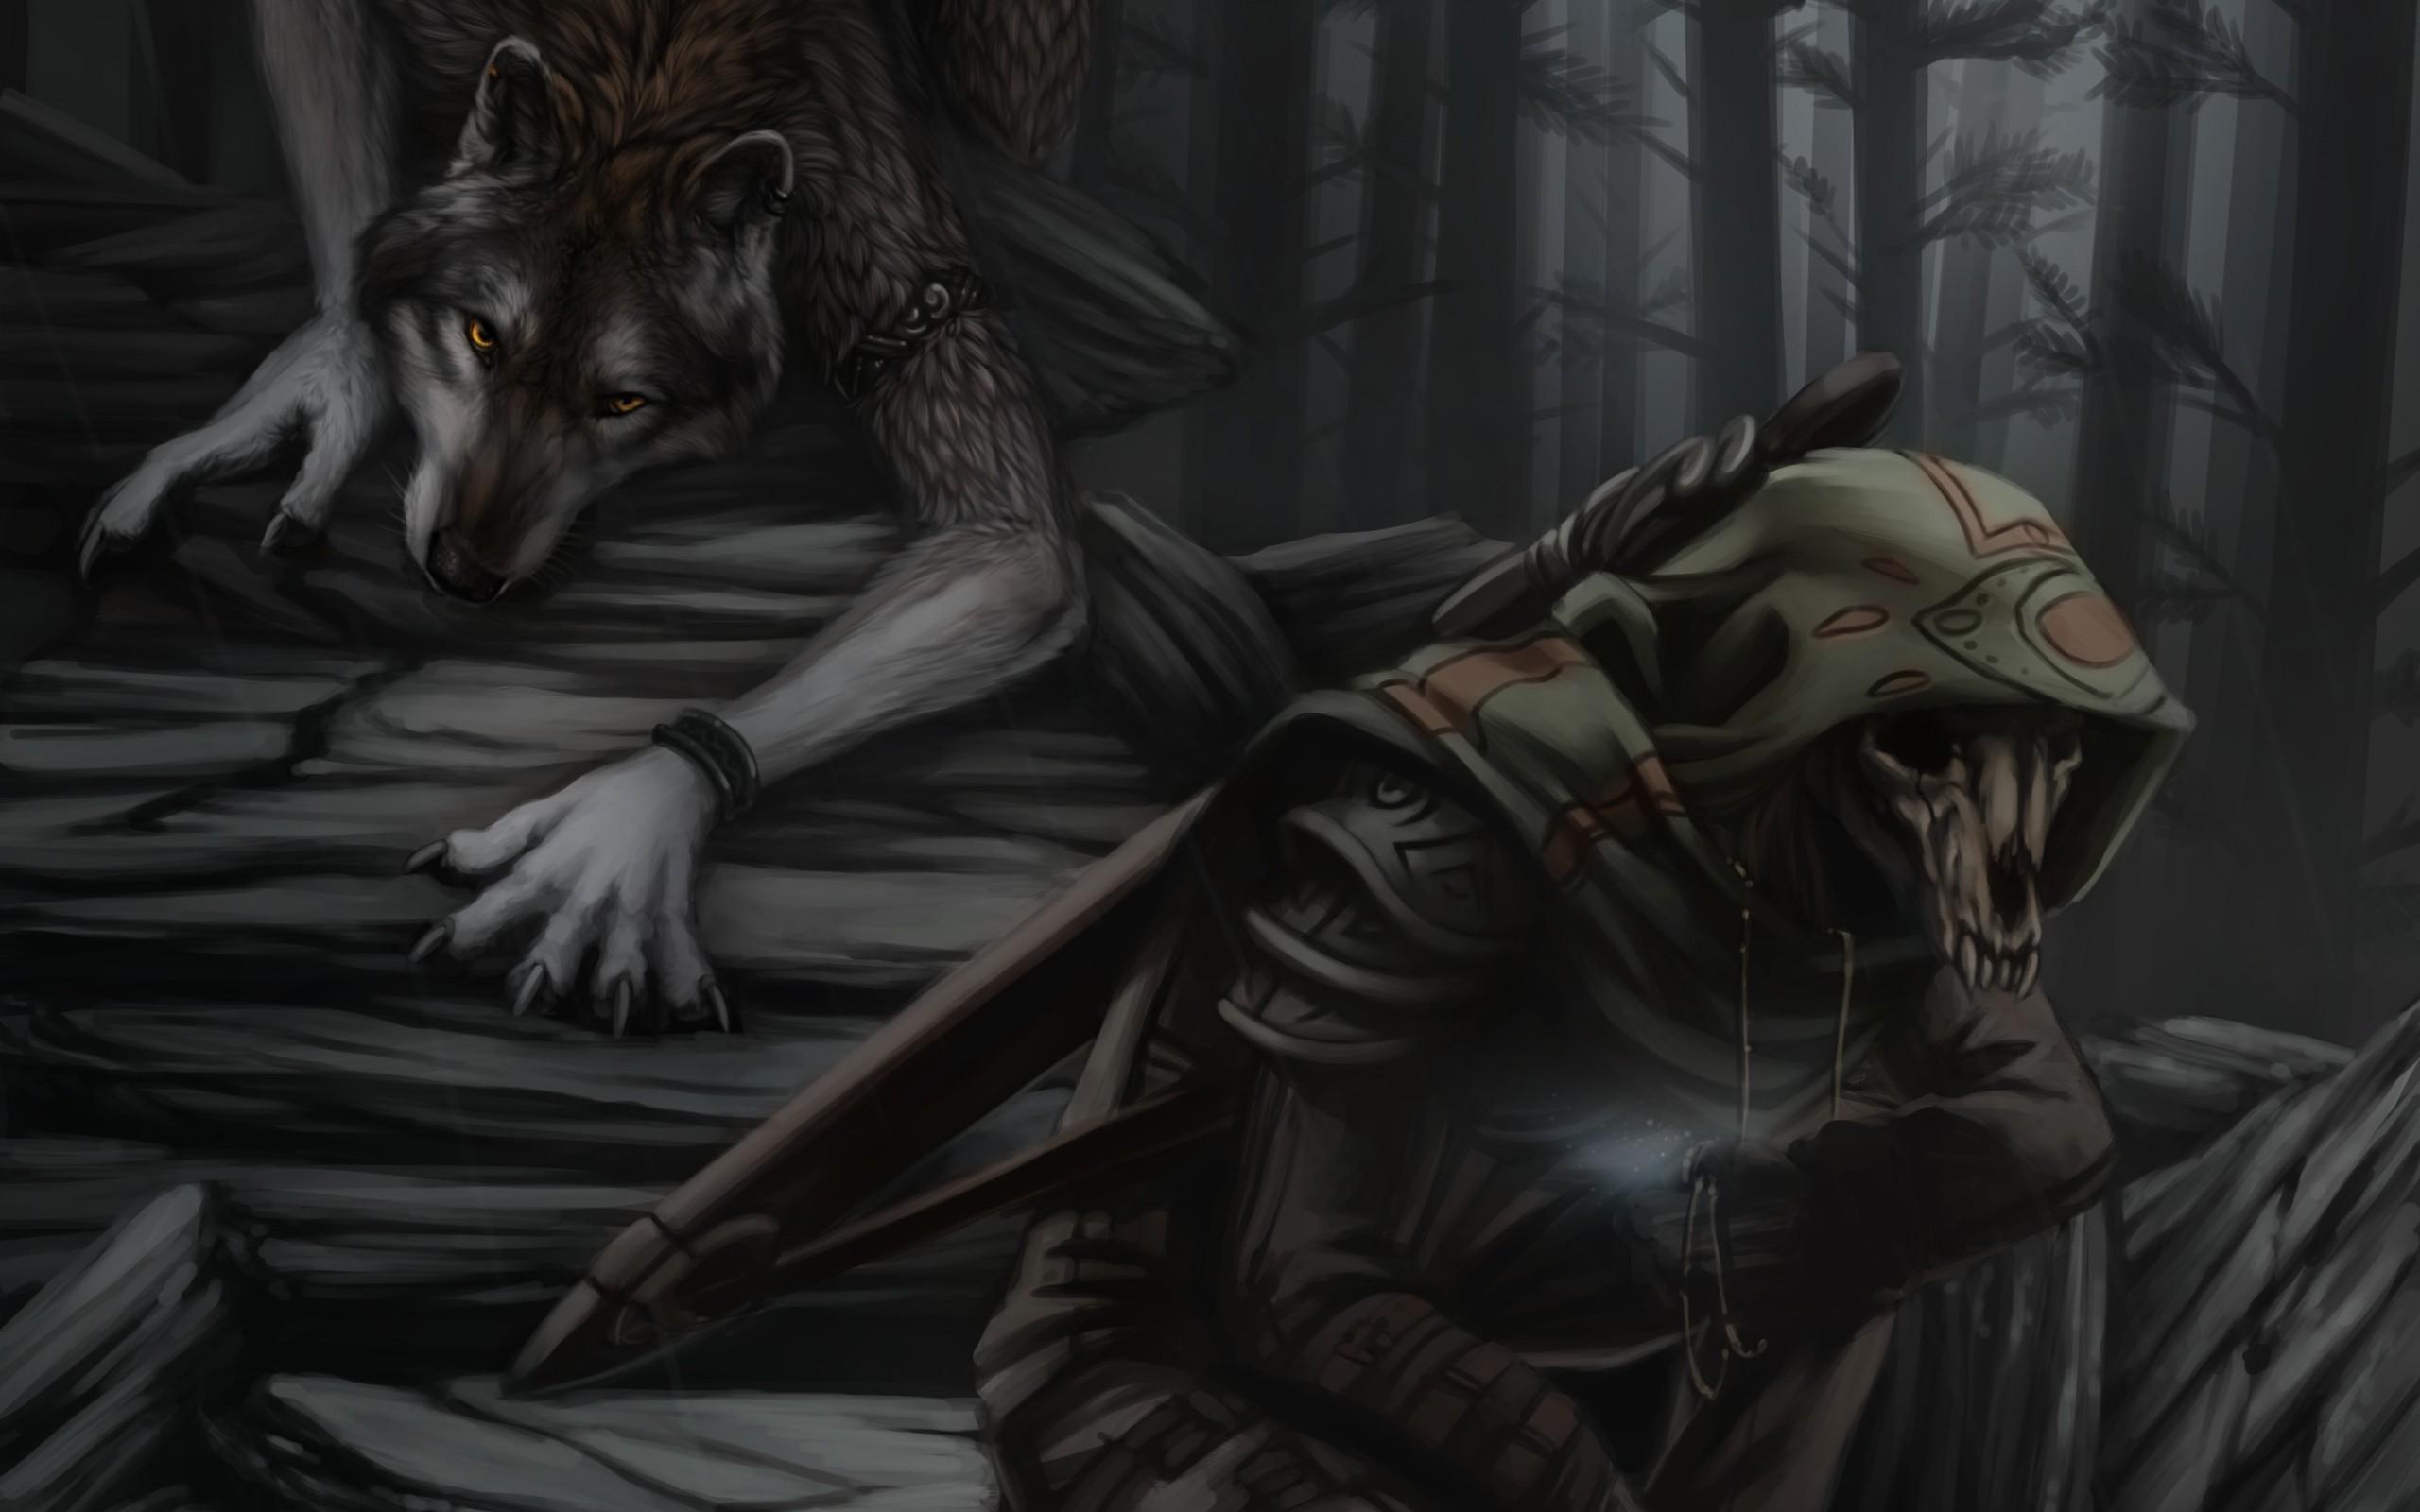 Werewolf Reaper fantasy h wallpaper 2560x1600 168976 WallpaperUP 2560x1600